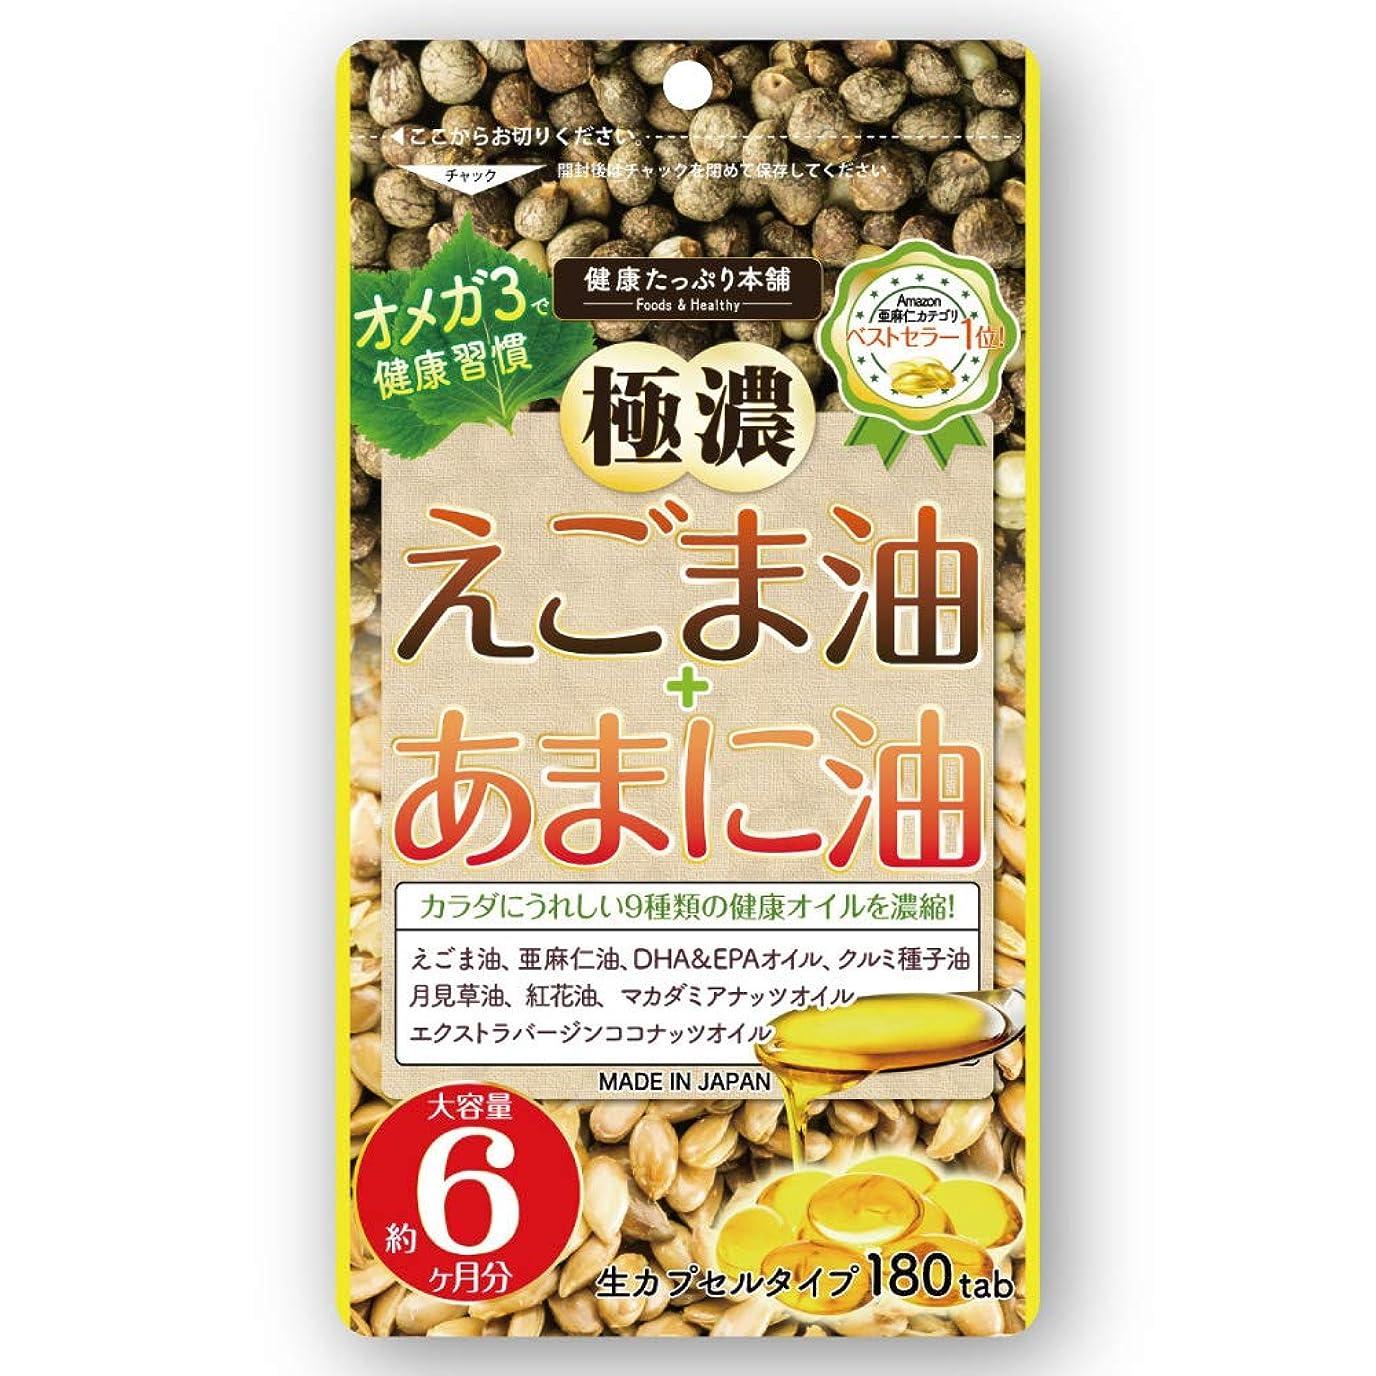 フルーツ野菜コモランマ実行極濃えごま油+あまに油 生カプセル 大容量約6ヶ月分 180粒